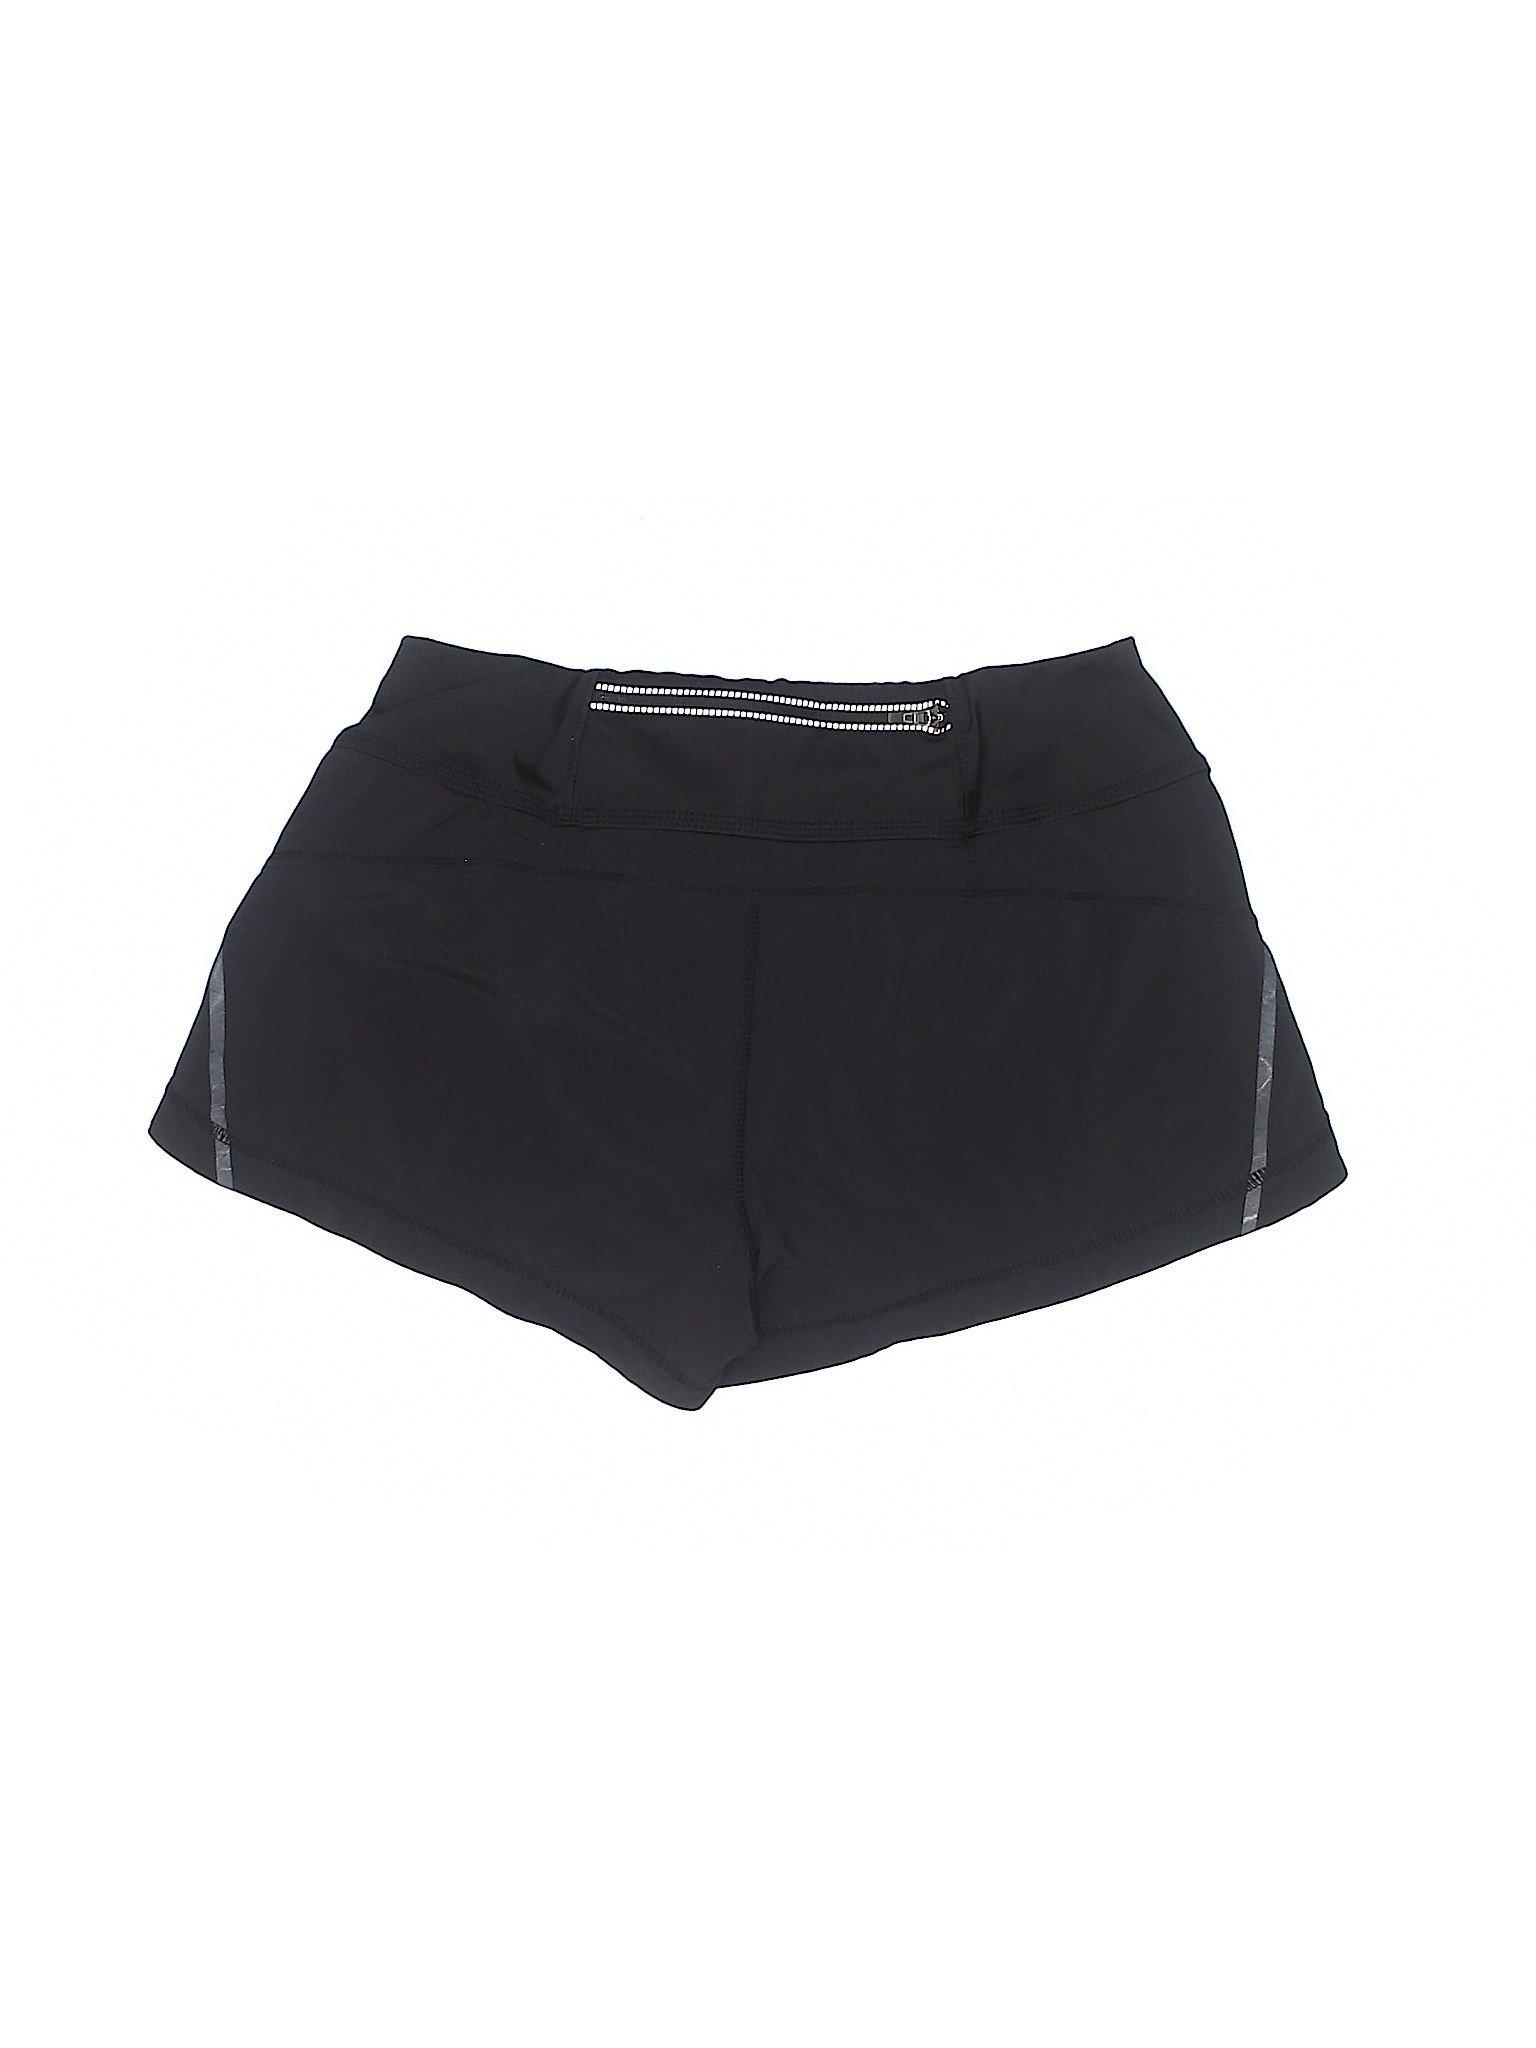 Boutique Boutique Shorts Boutique Athleta Boutique Athletic Athletic Athleta Athleta Shorts Athletic Shorts Athletic Athleta 0Aqwp6wT